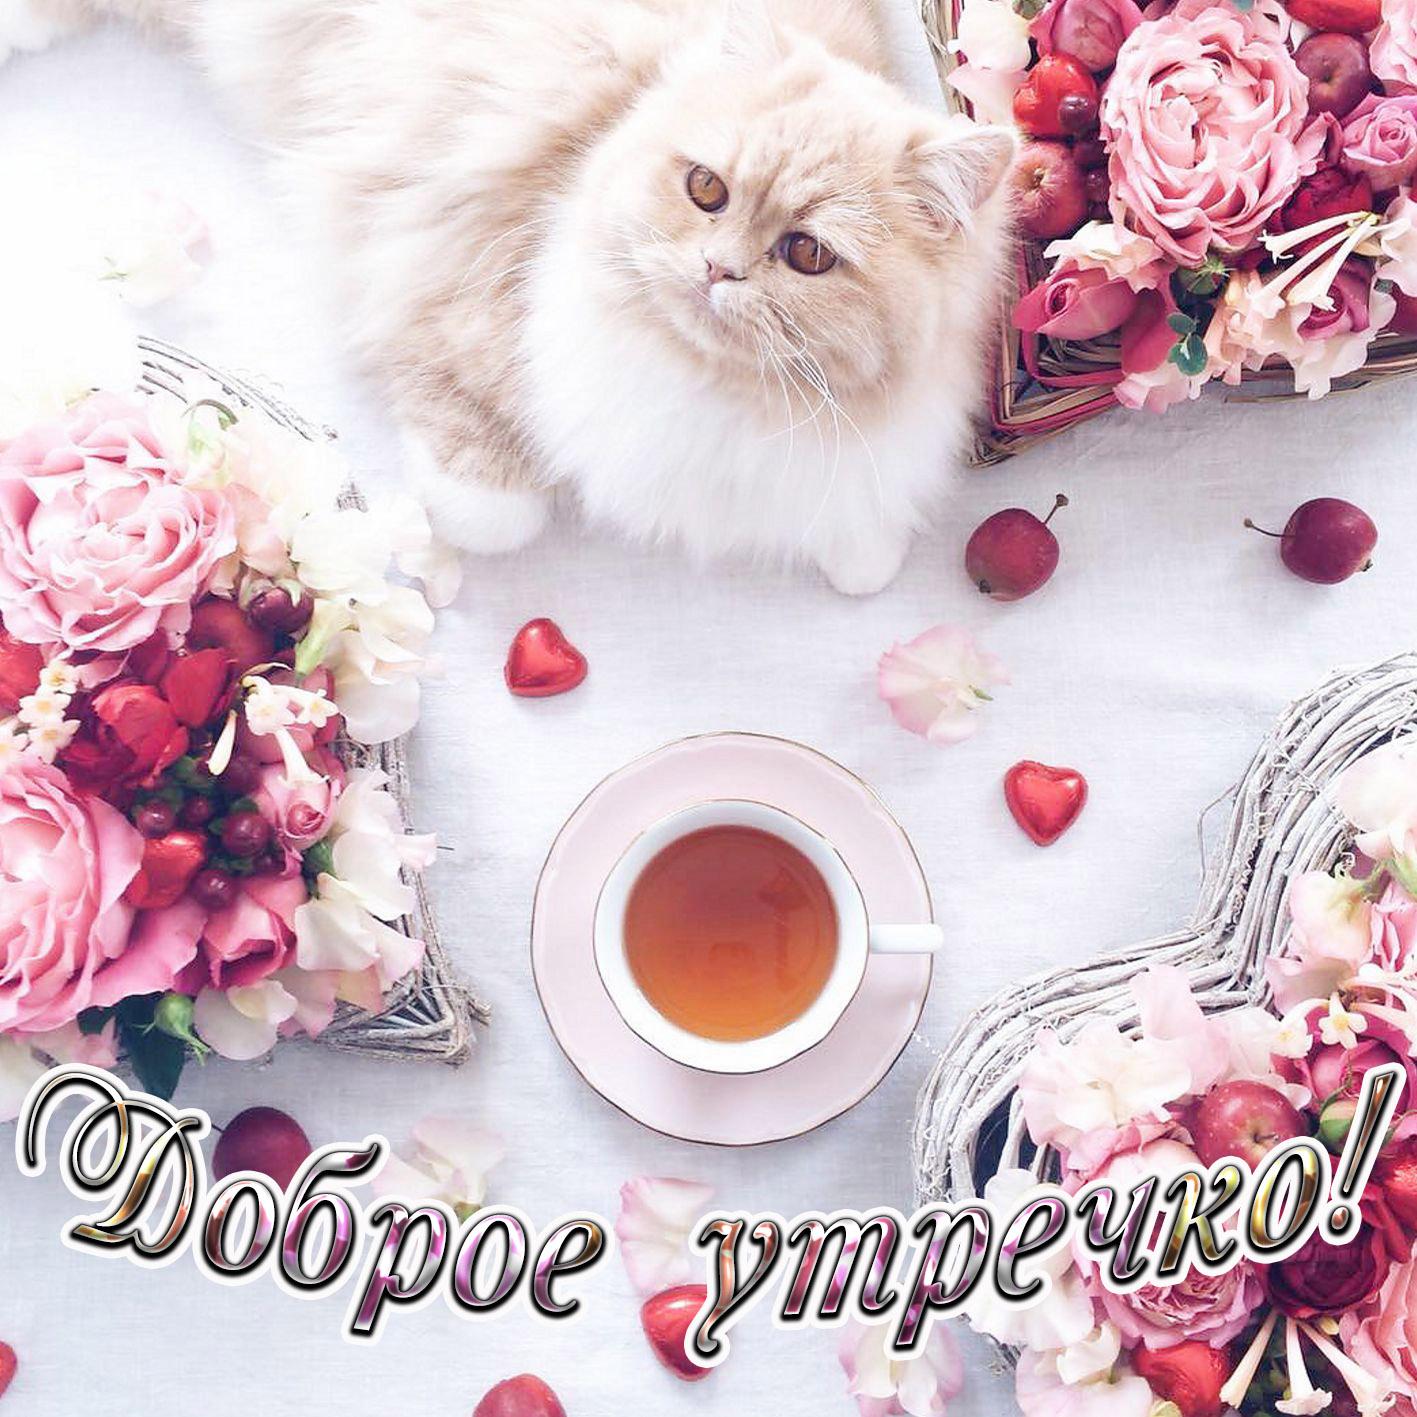 Открытка доброго утра с пушистым котиком и цветами